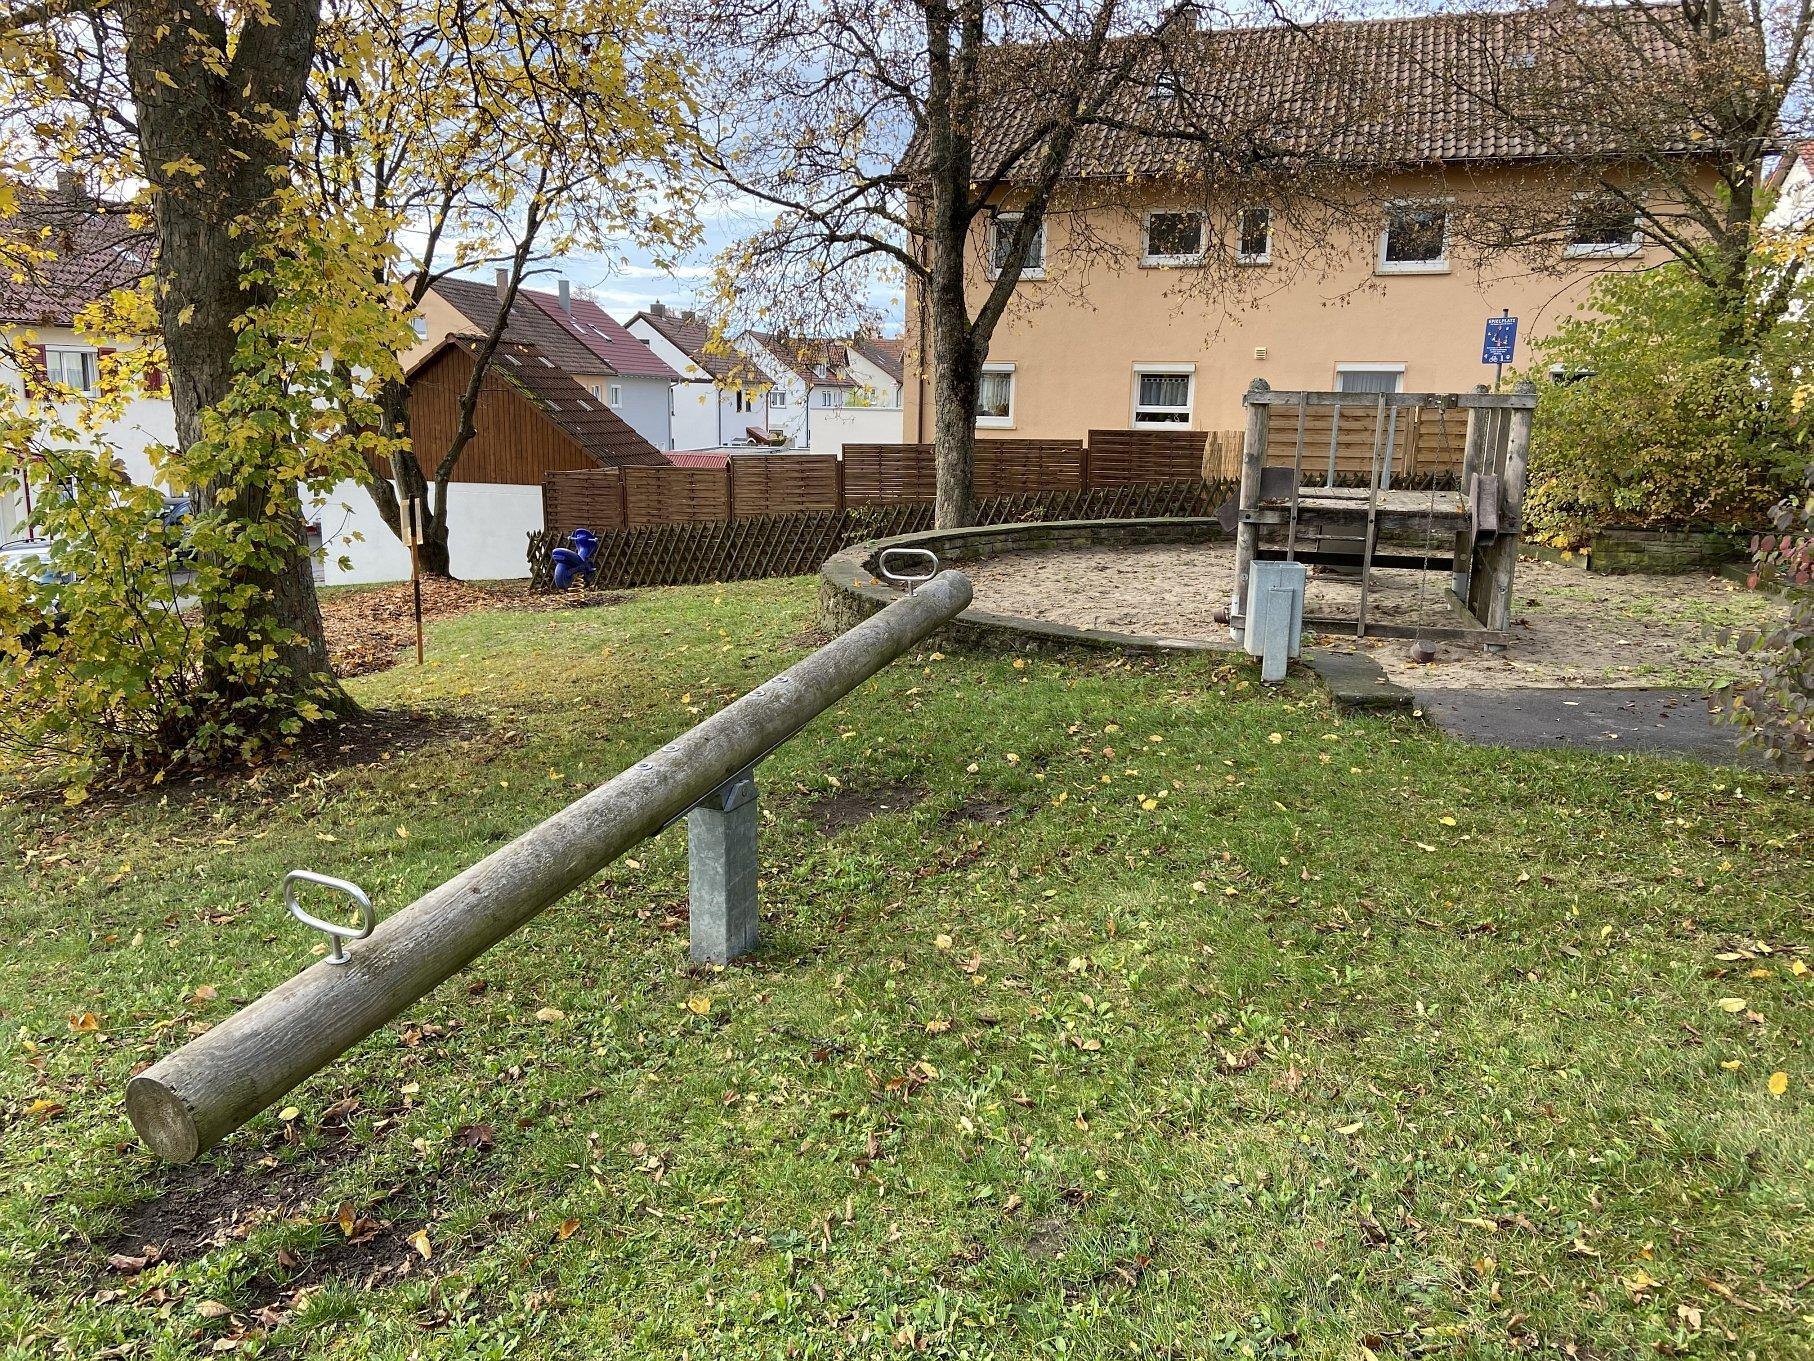 Spielplatz Matthäus-Hahn-Straße-Viel Platz zum Spielen!